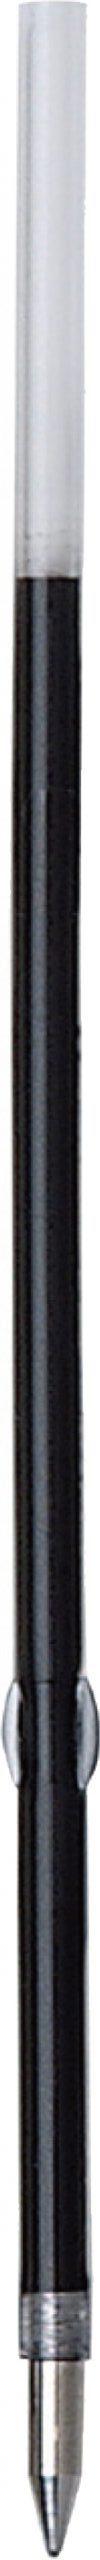 油性ボールペン